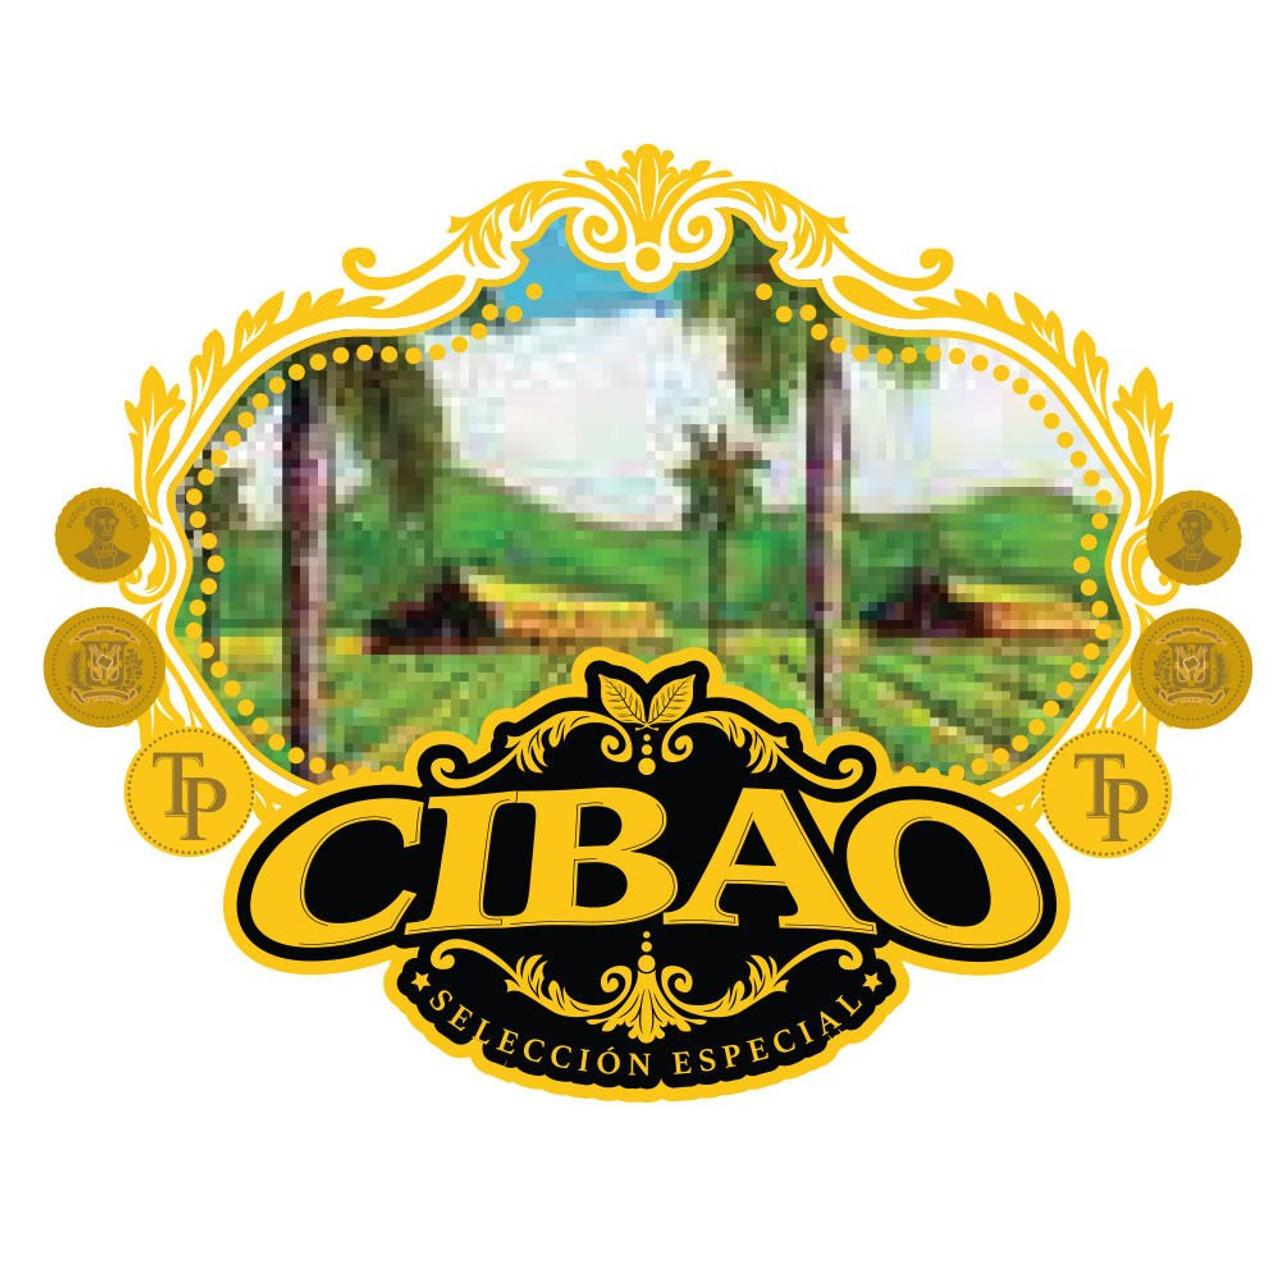 Cibao Seleccion Especial Connecticut Gordo Cigars - 6 x 60 (Box of 20)